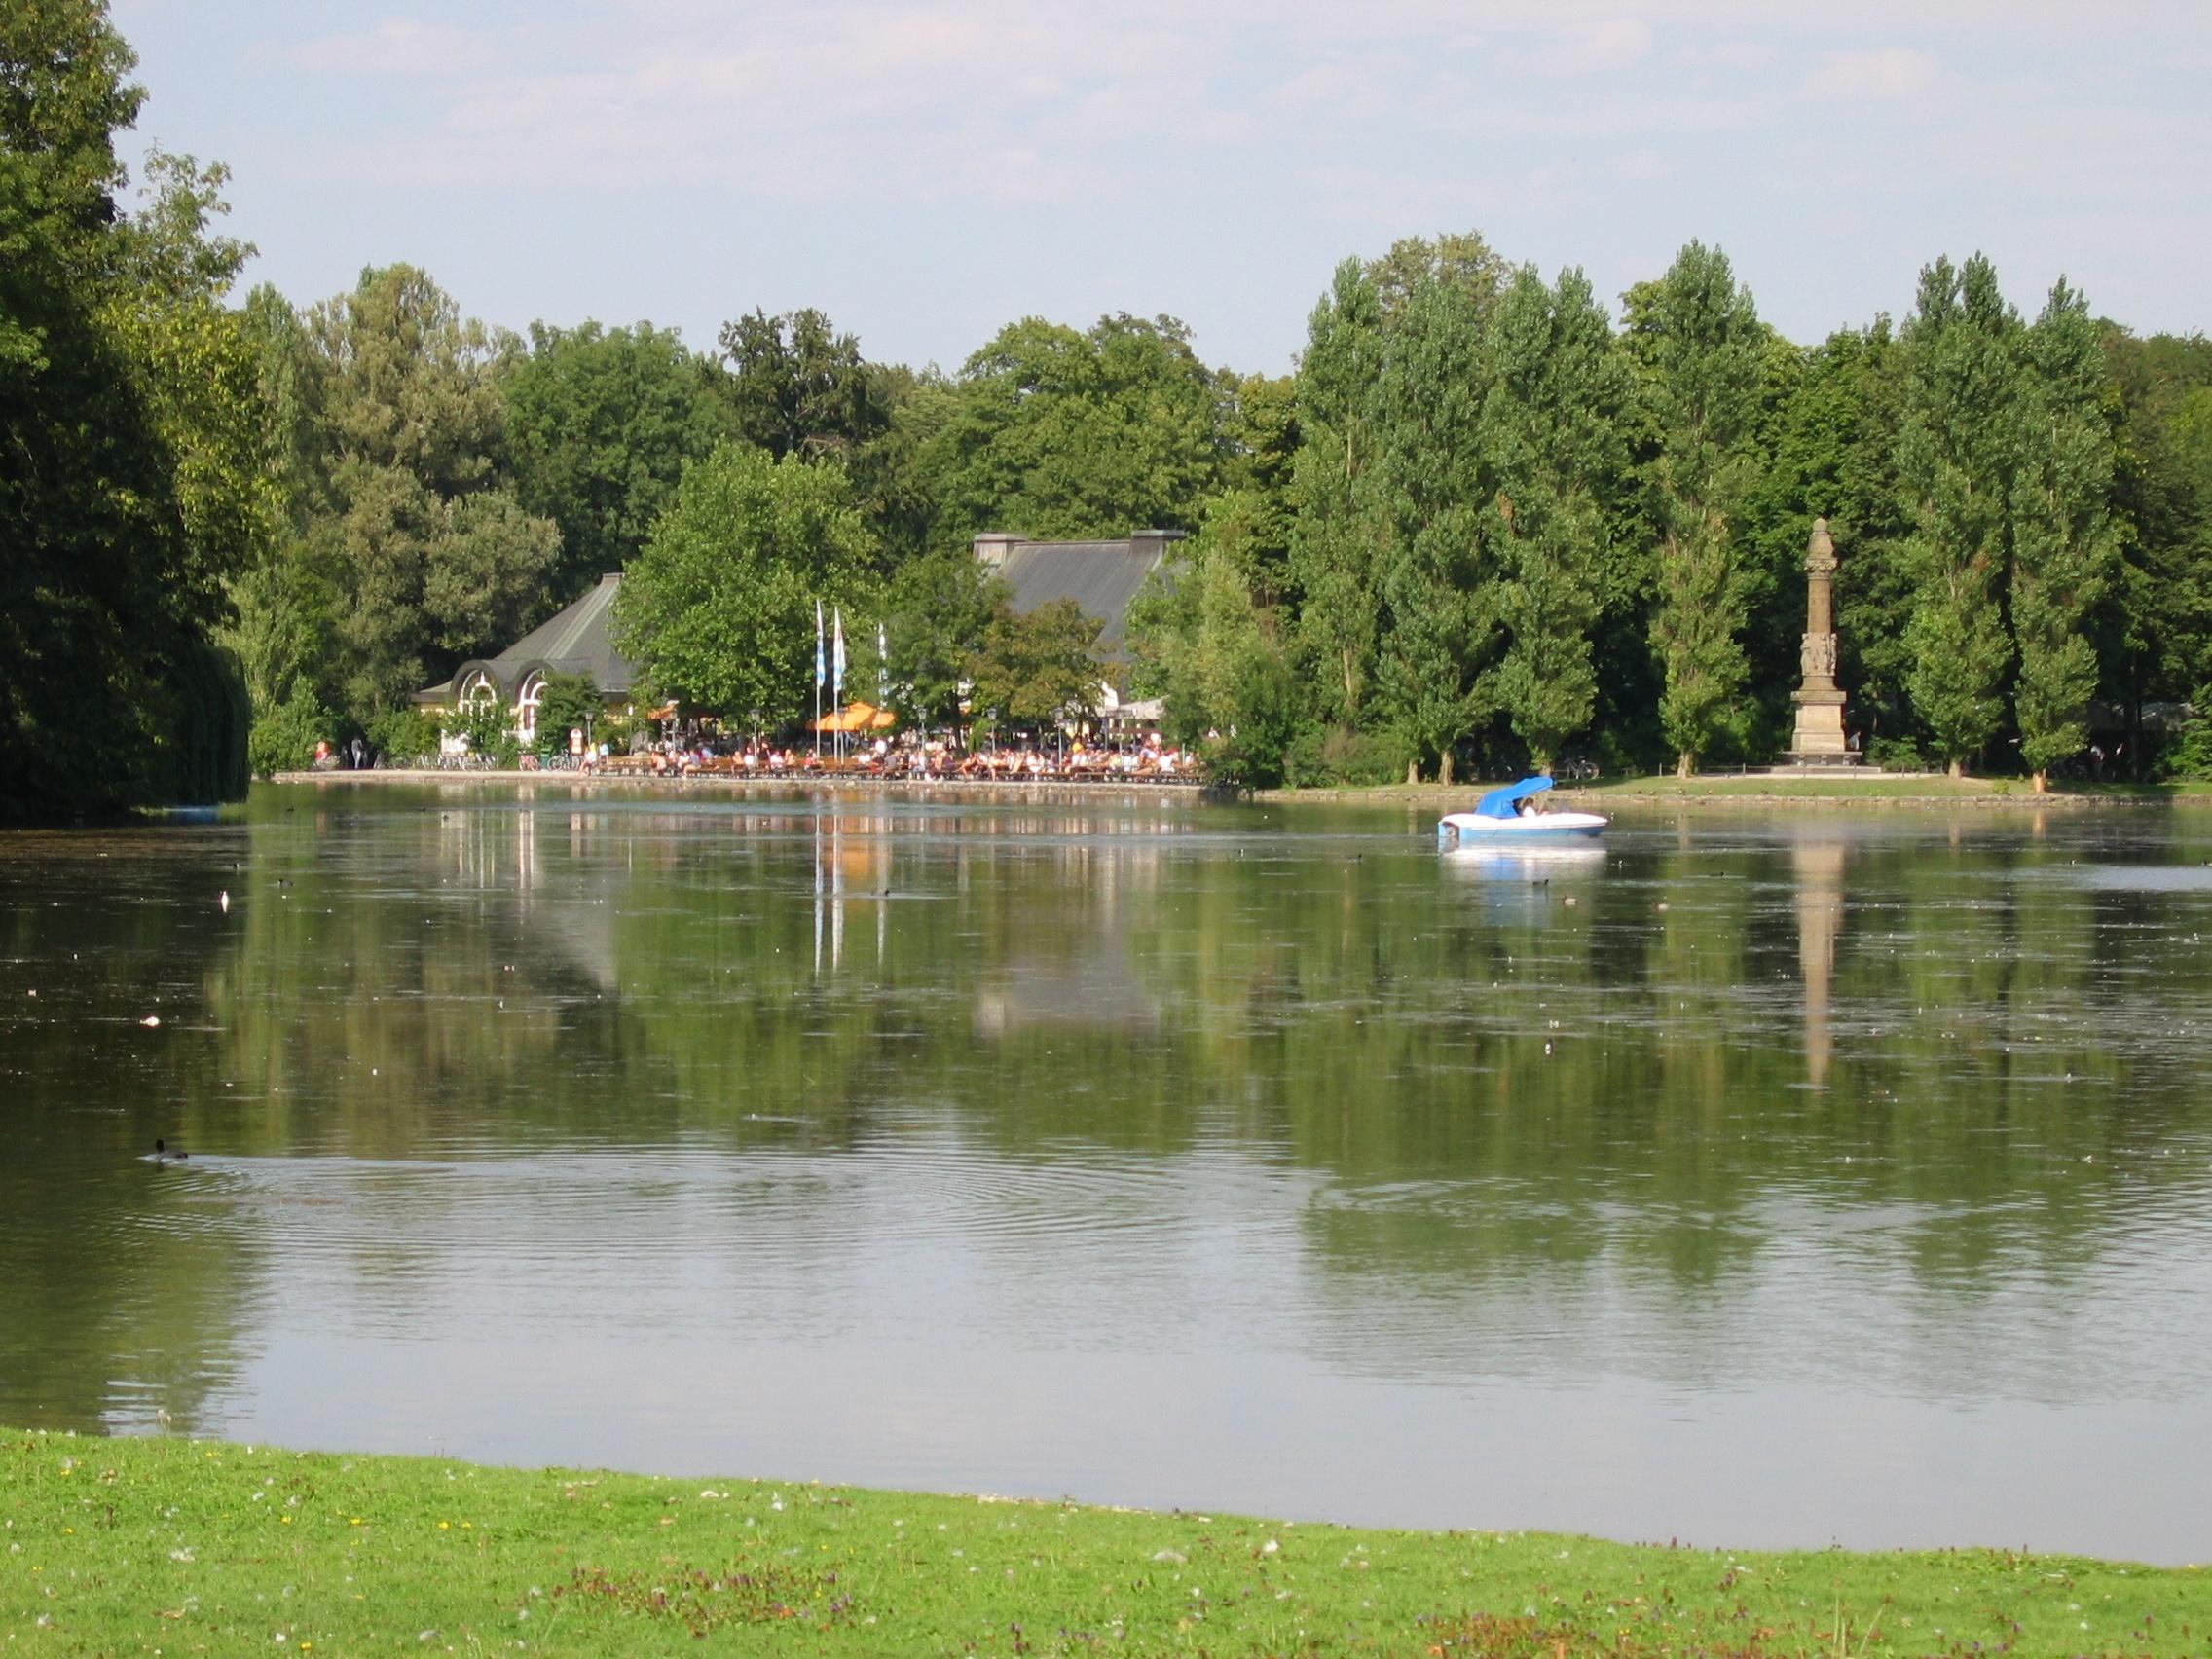 Seehaus Im Englischen Garten Luxus File Kleinhesseloher See Mit Denkmal Und Biergarten